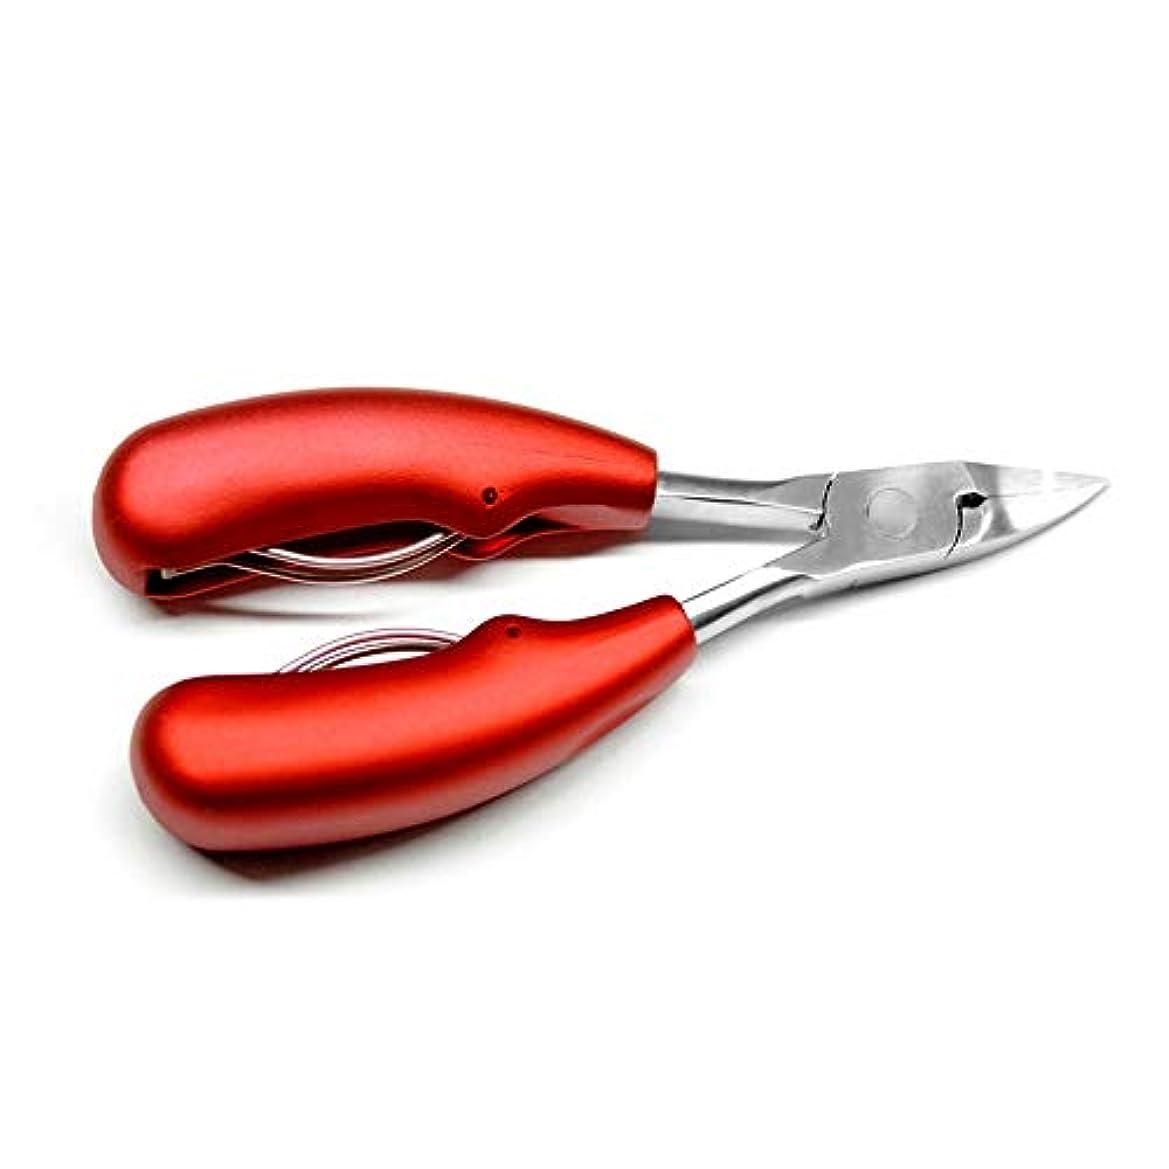 ウェーハタウポ湖アデレードKADS 爪切りニッパー 巻き爪/硬い爪に対応 高品質ステンレス製 滑り止め加工 厚手のハンドル(アカ)